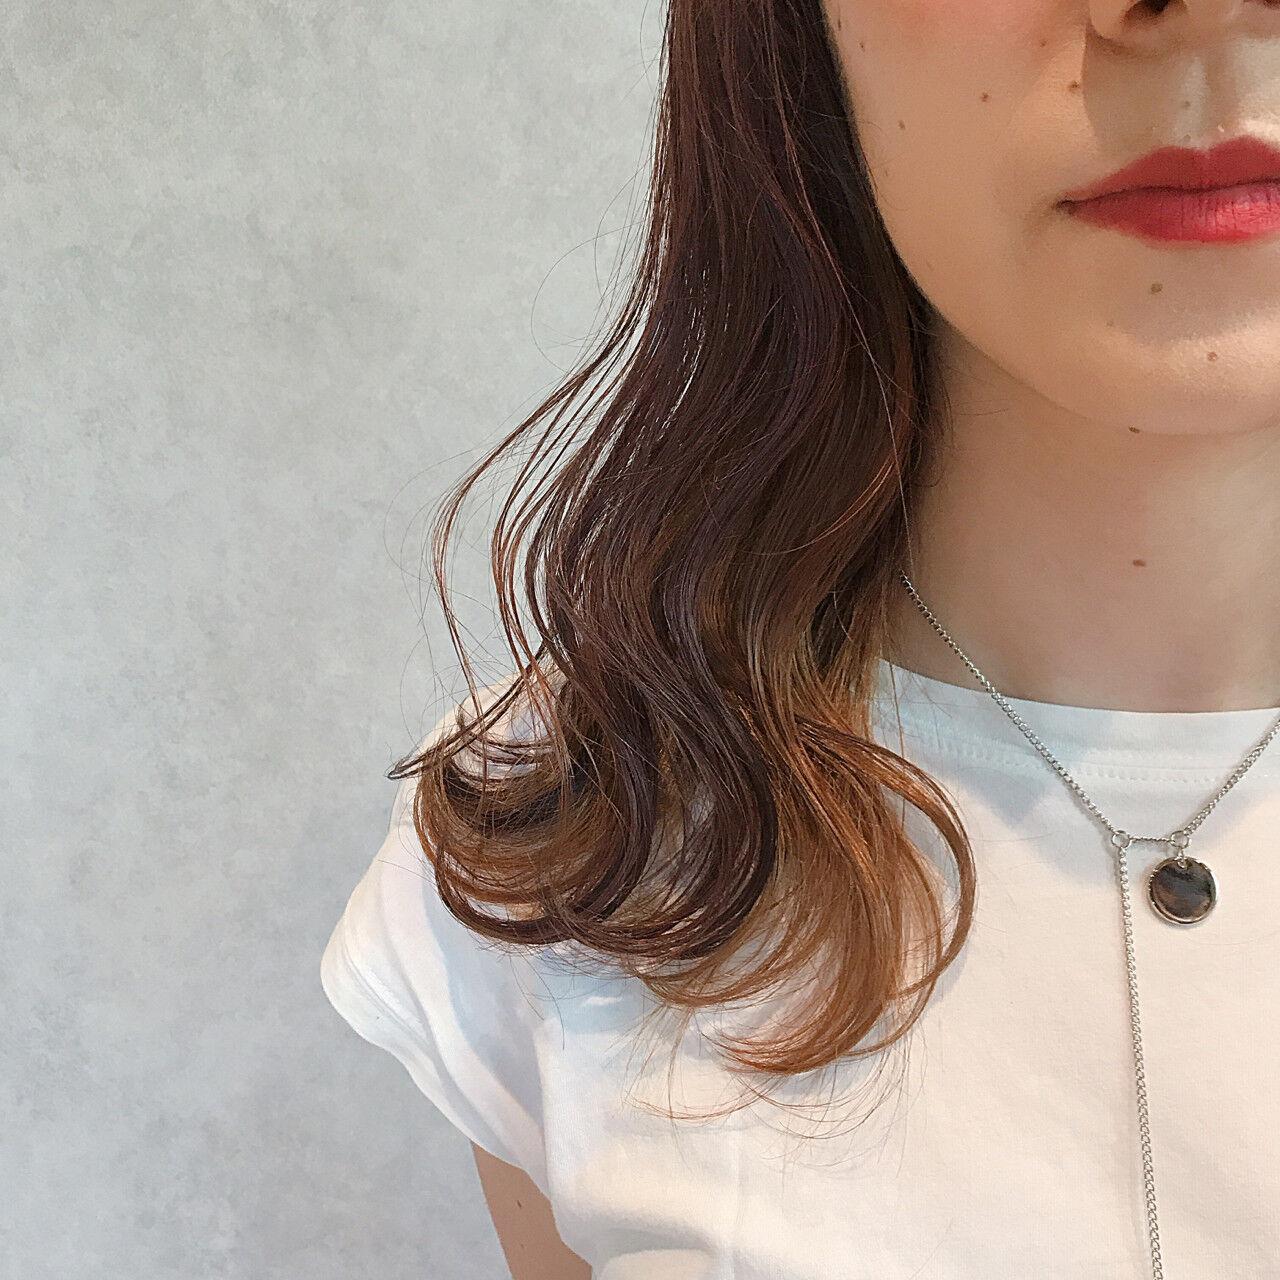 女子力 セミロング ヘアアレンジ ハイライトヘアスタイルや髪型の写真・画像